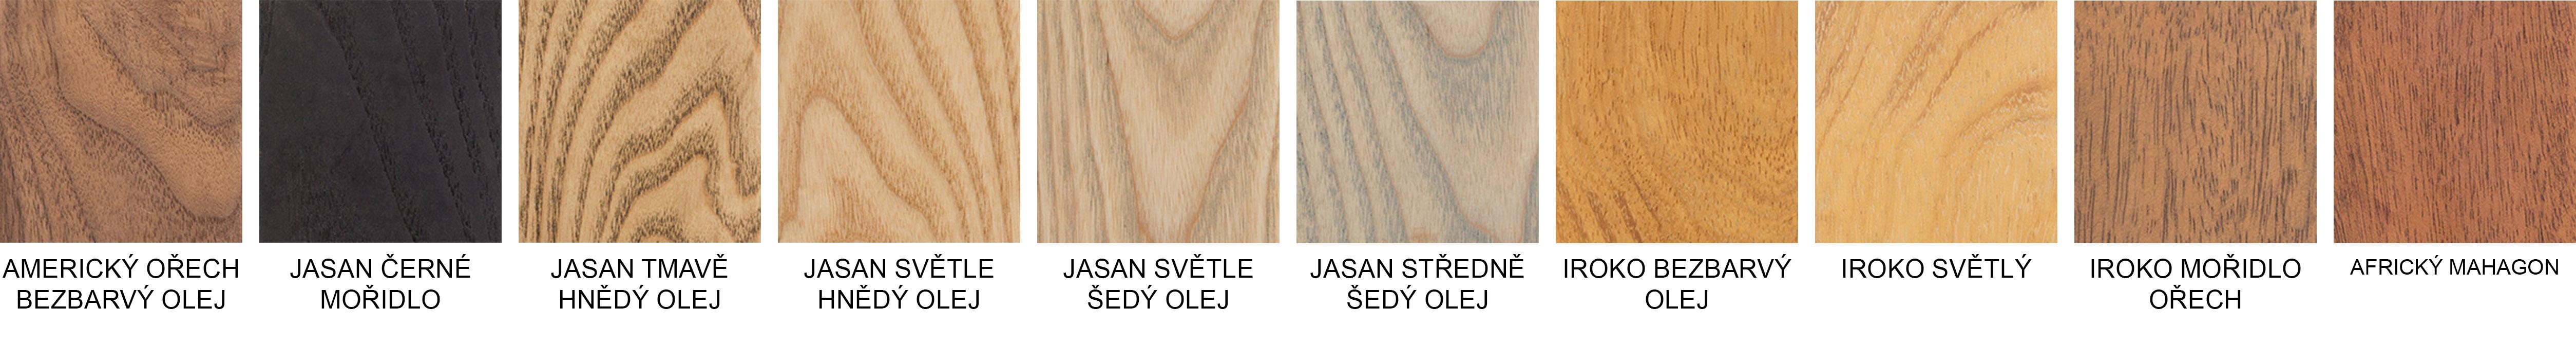 Dřeva_1